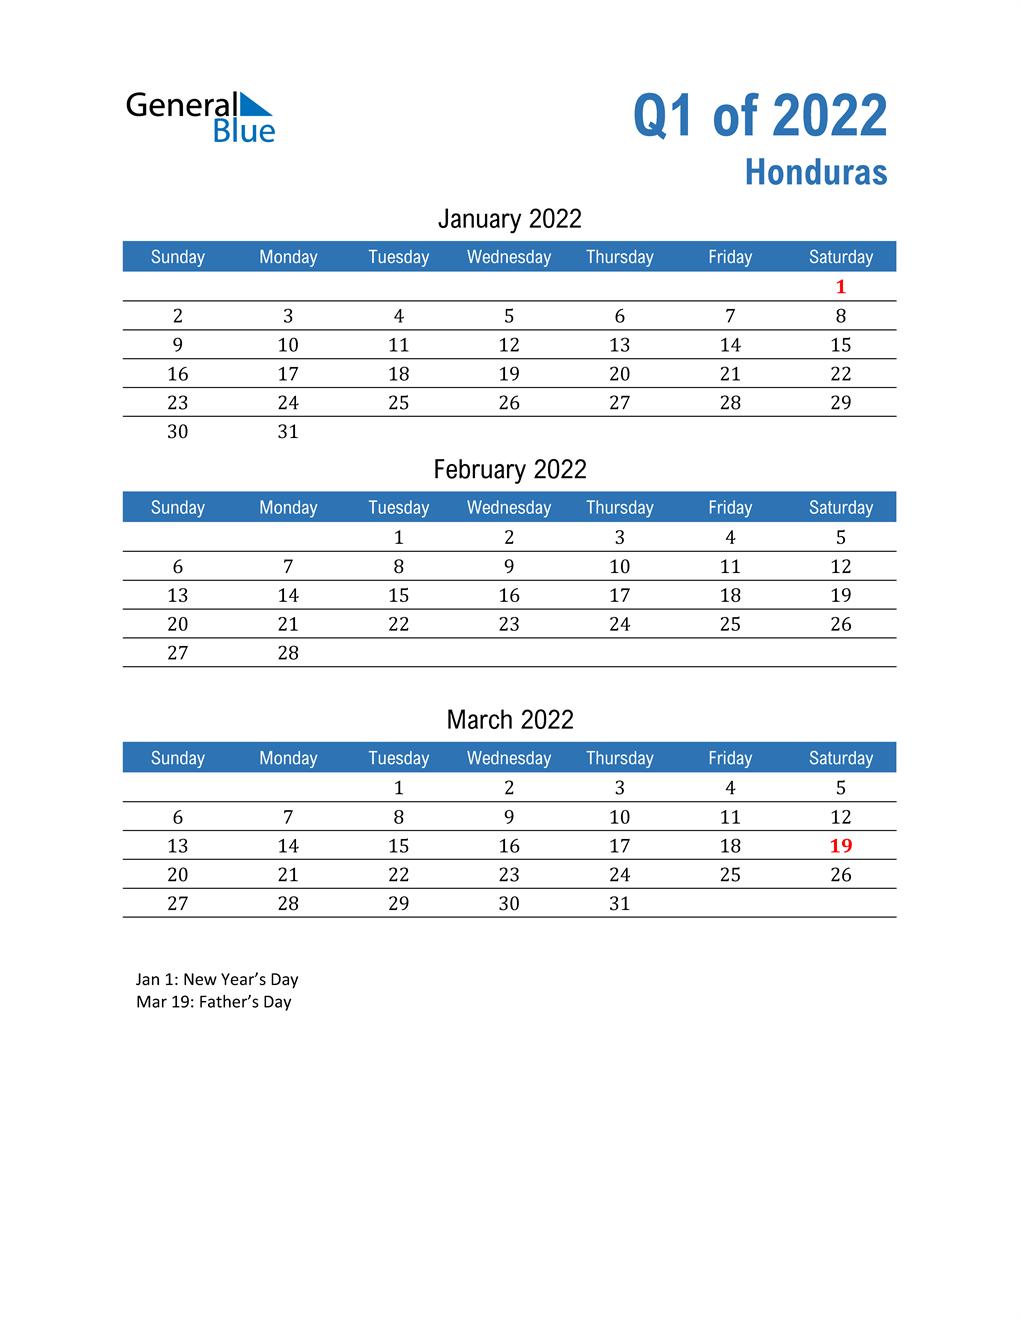 Honduras 2022 Quarterly Calendar